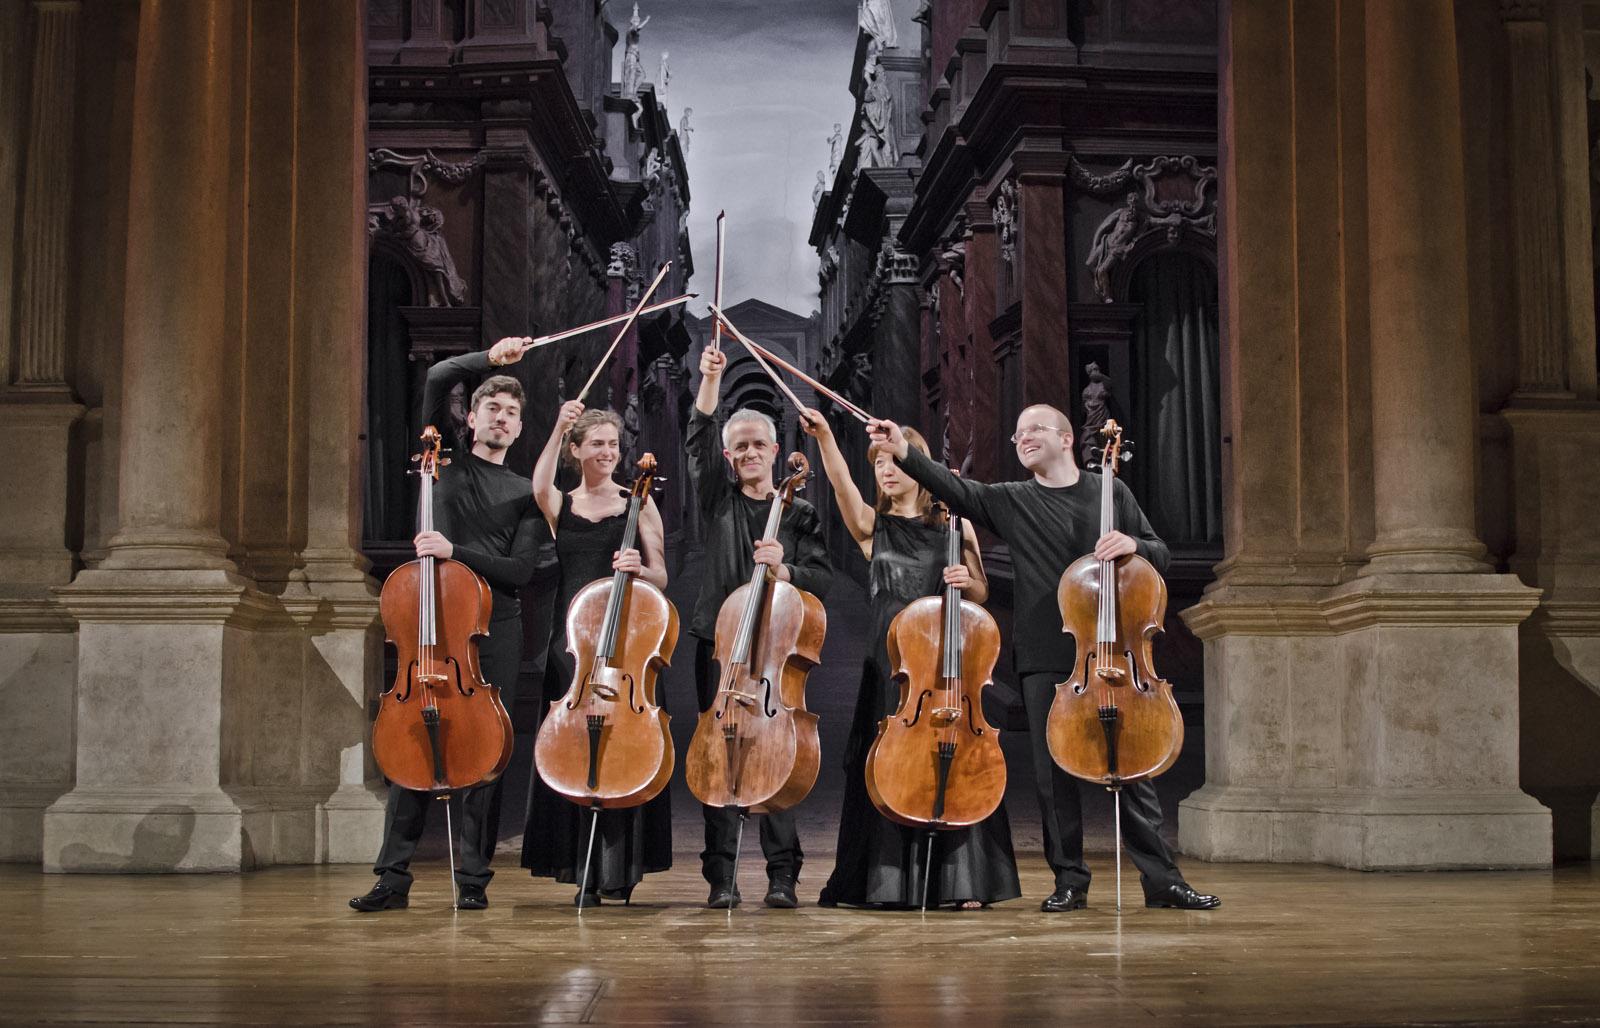 GIOVANNI SOLLIMA all' OLIMPICO di Vicenza tra classica e rock